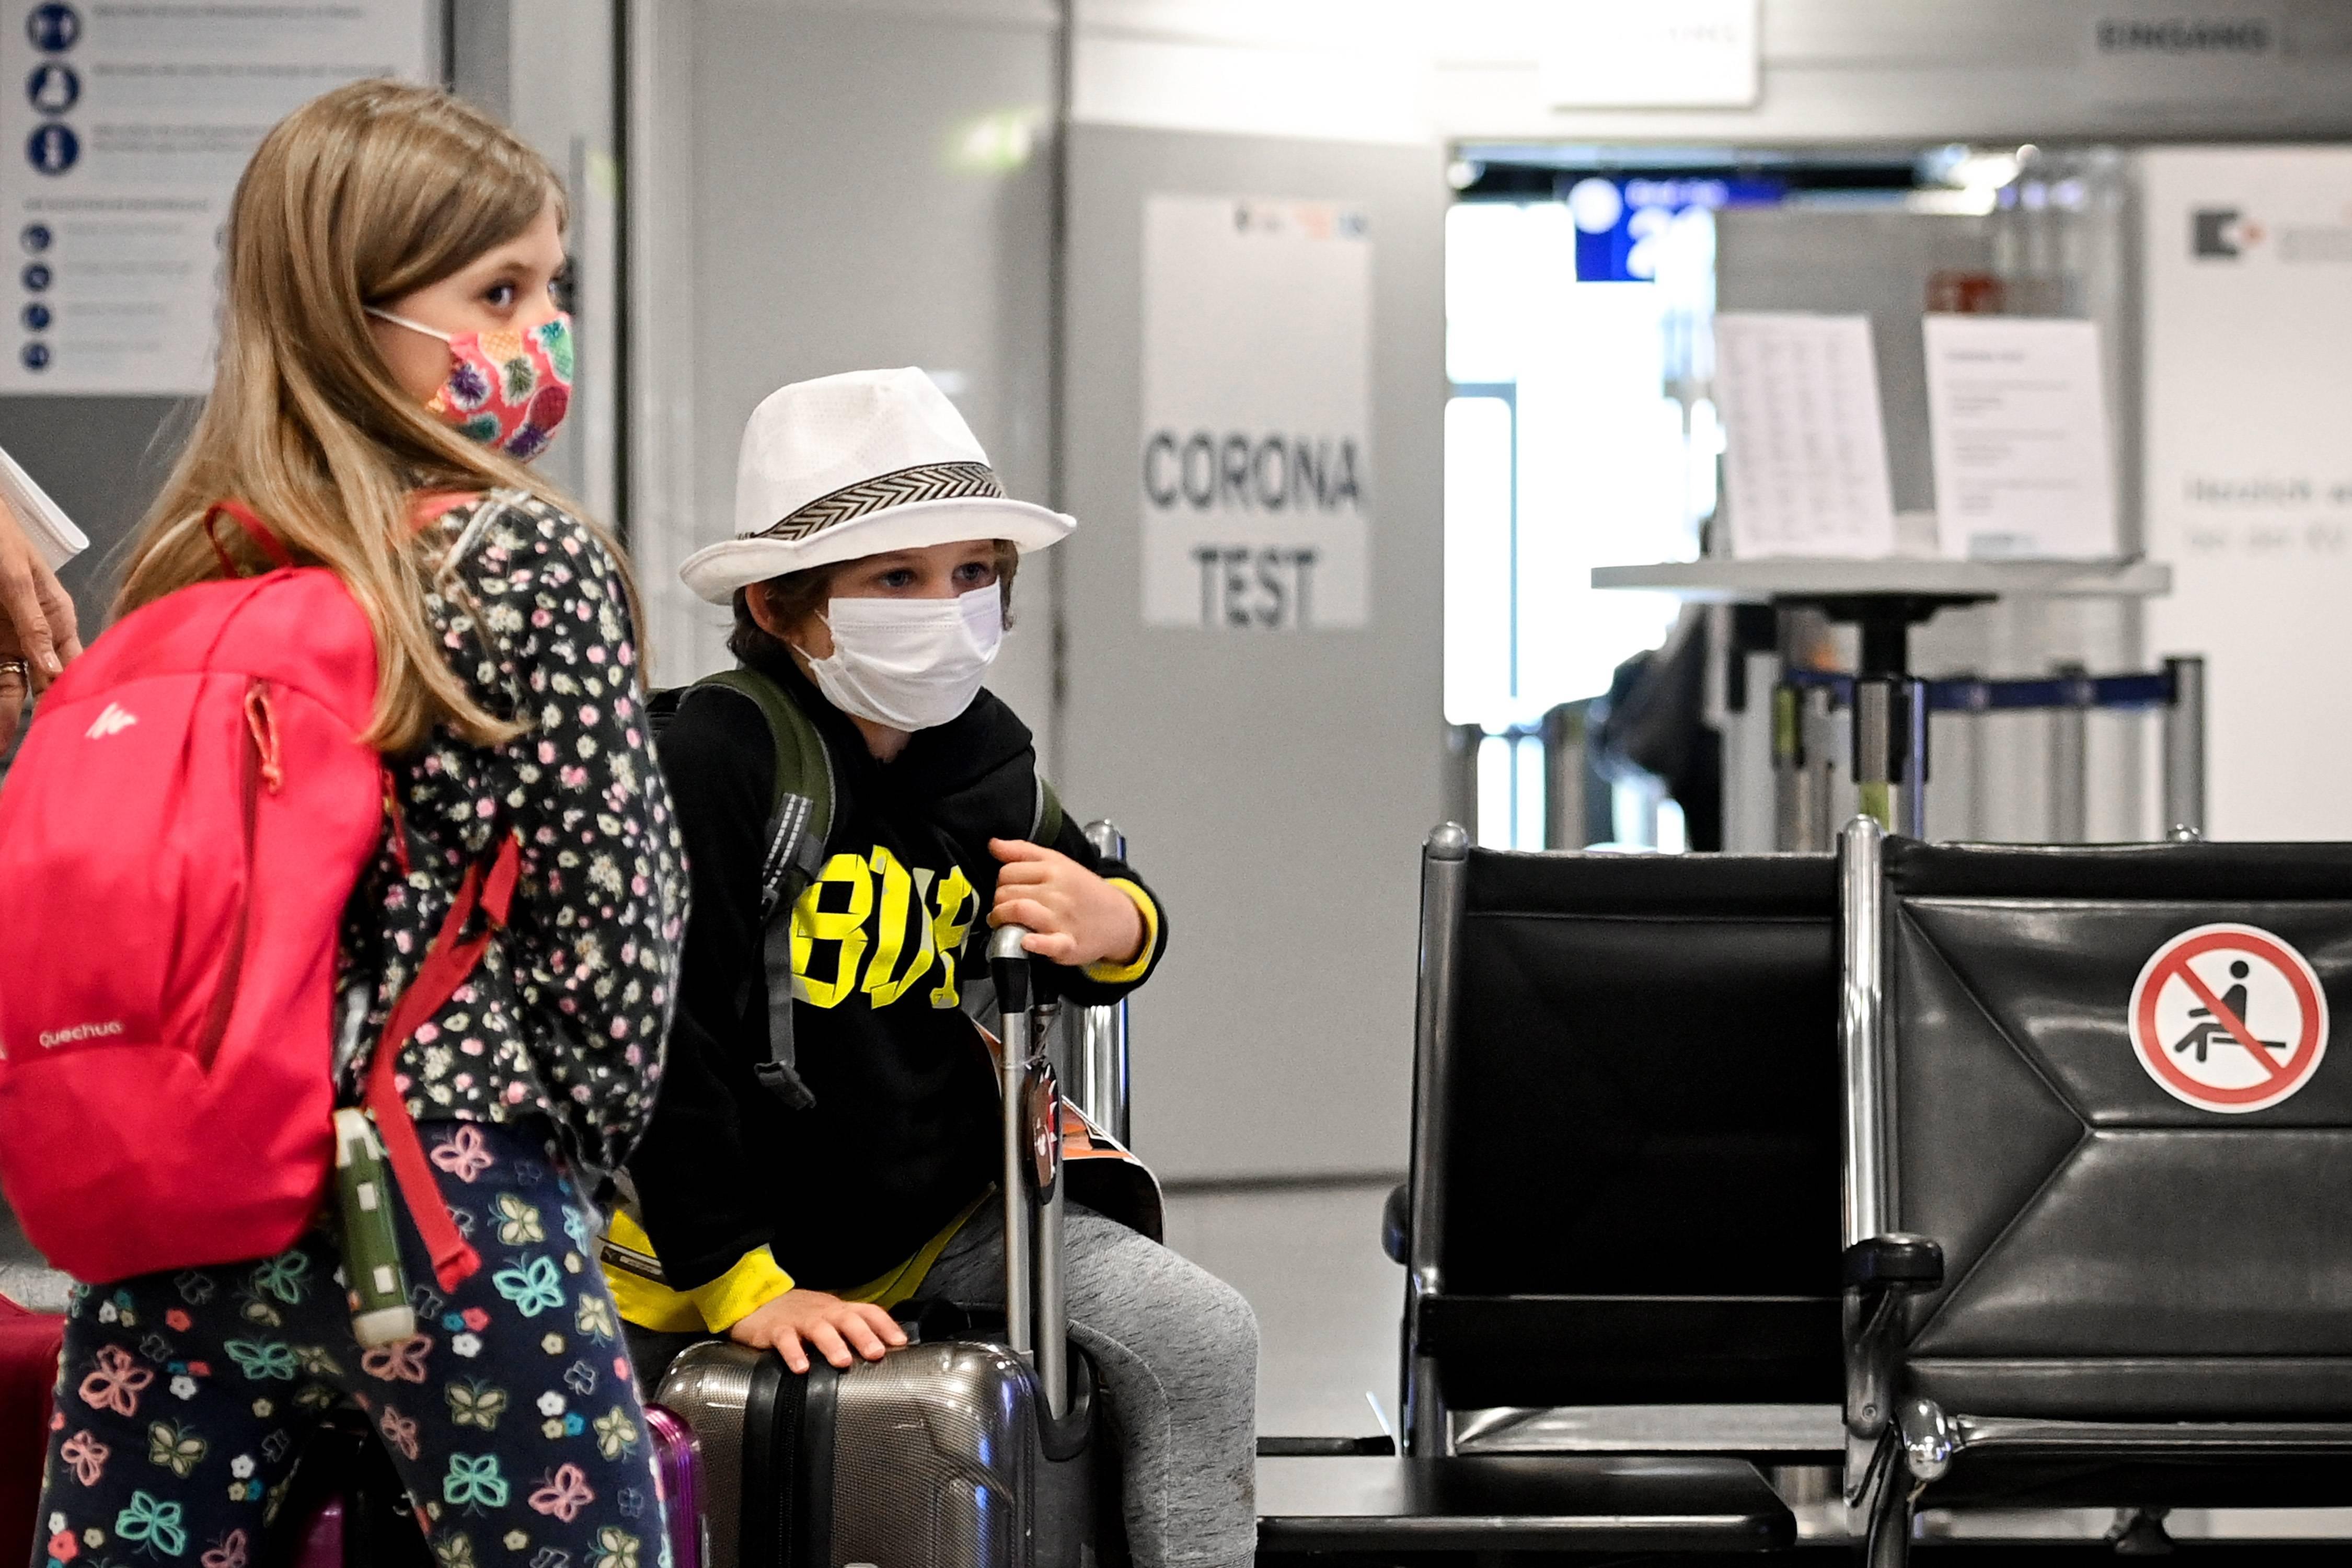 德国加强新冠病毒检测_德国新闻_德国中文网